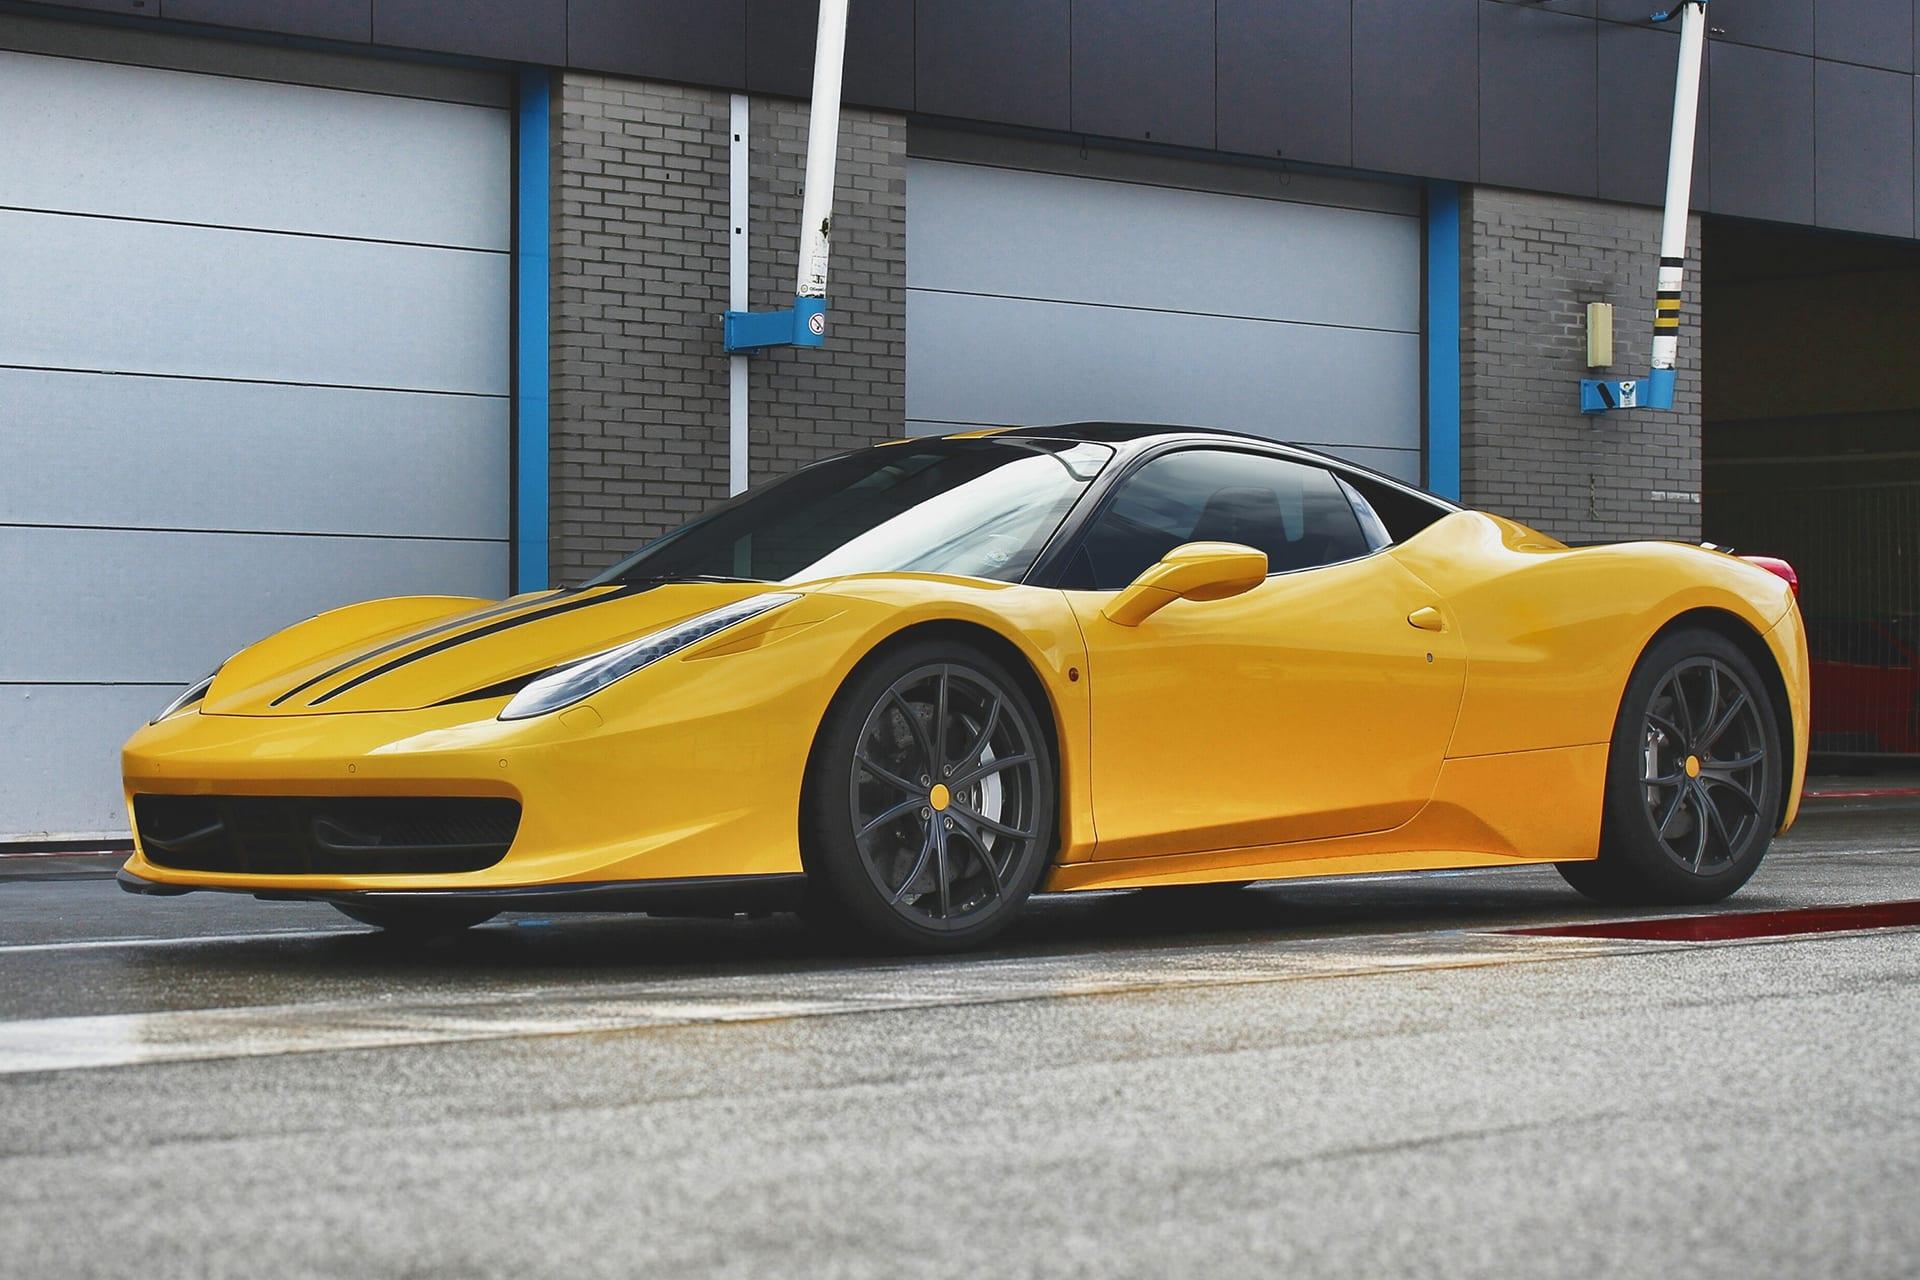 Gelber Ferrari parkiert vor einer Garage | vor den Farbkorrekturen